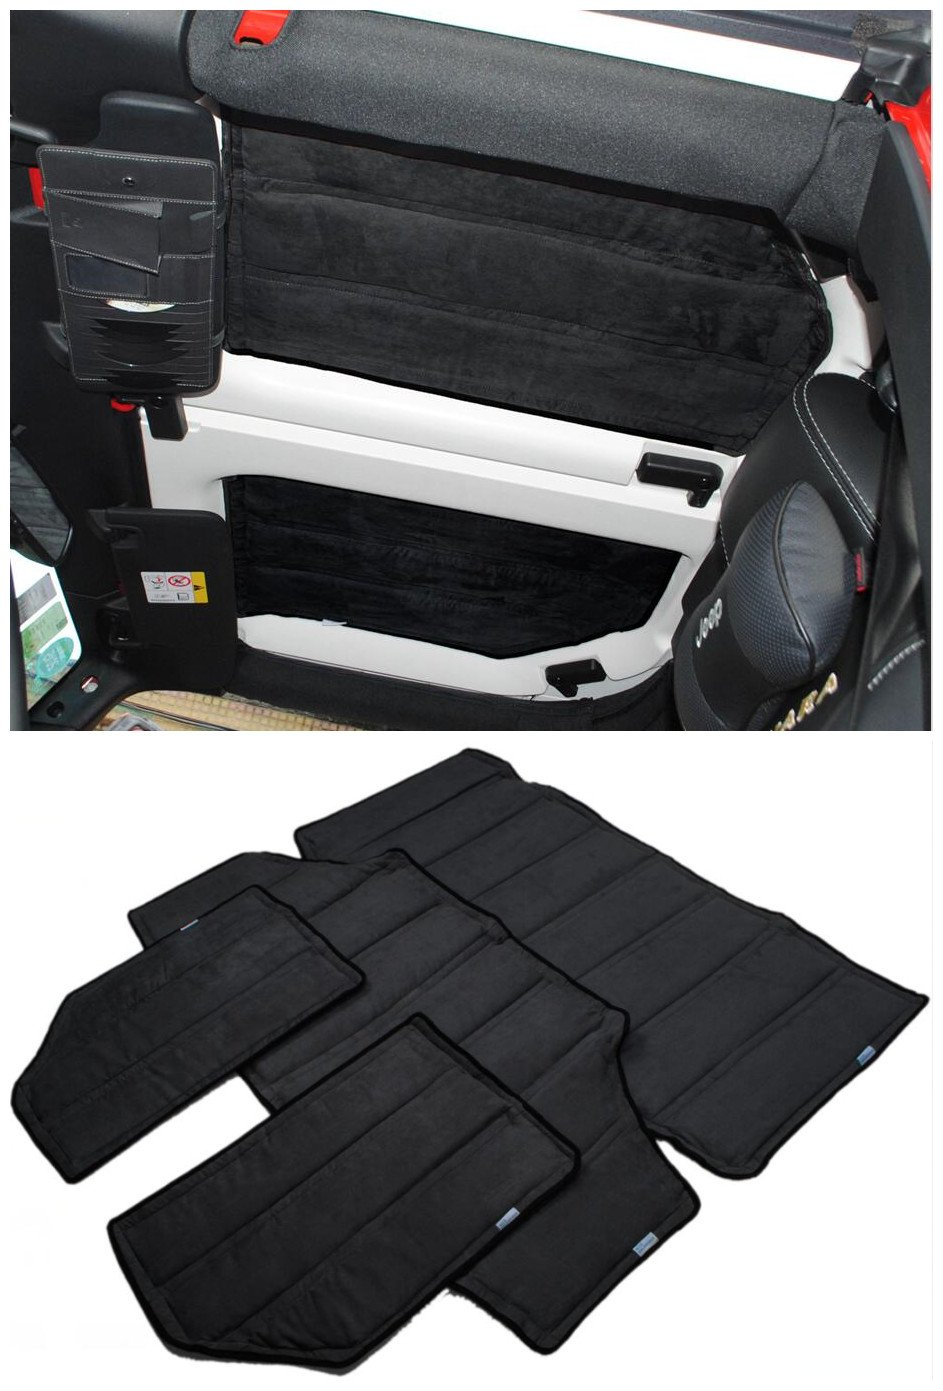 FMtoppeak 4 Pcs Black Hardtop Sound Deadener & Insulation for 4 door 2012-2016 Jeep Wrangler Soft Top Headliner